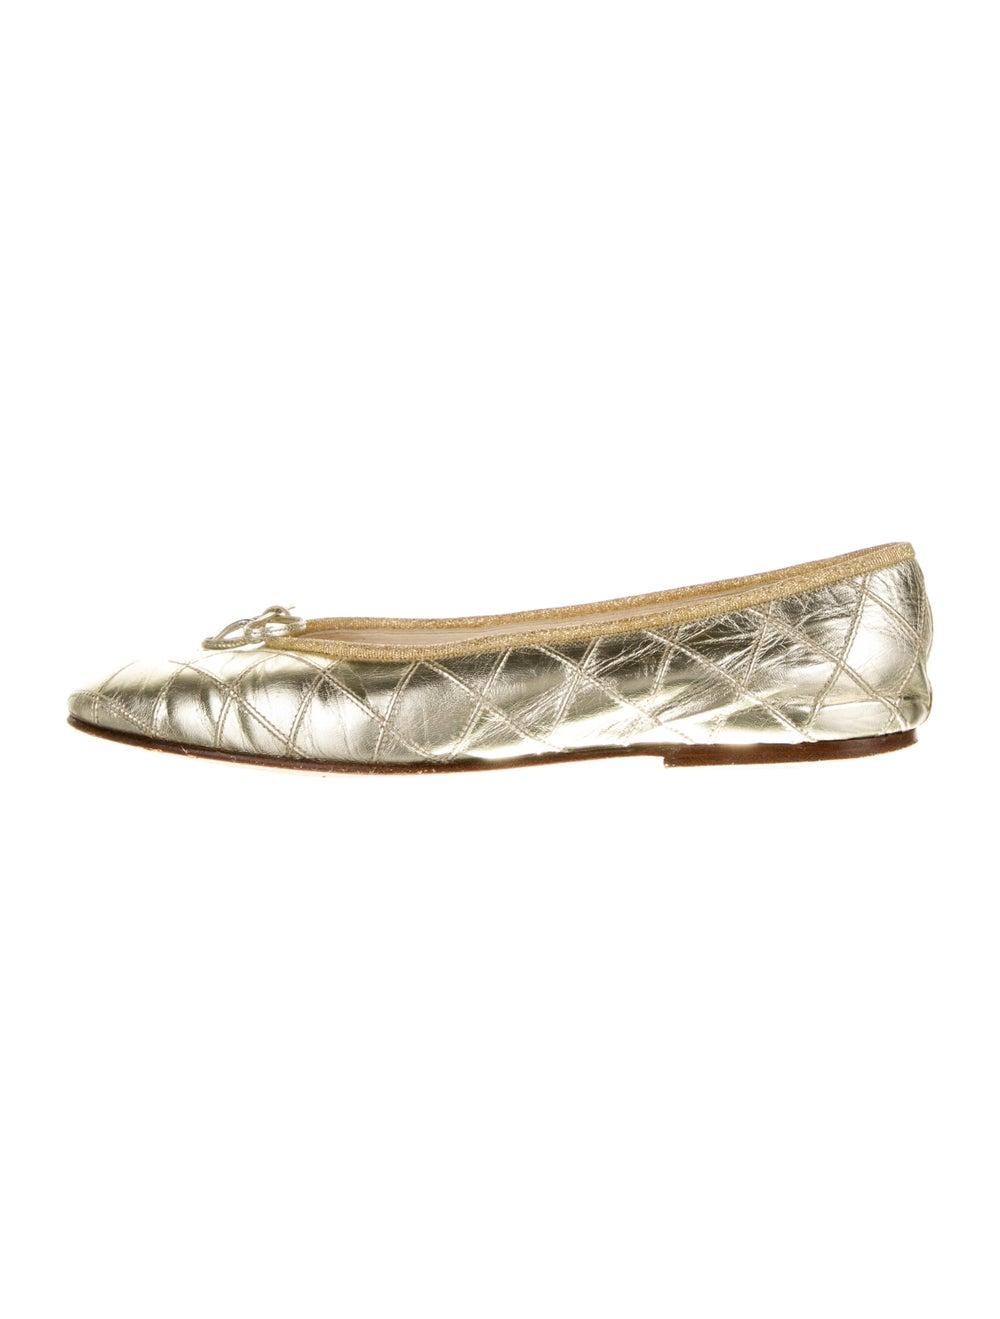 Chanel Vintage 1990's Ballet Flats Gold - image 1